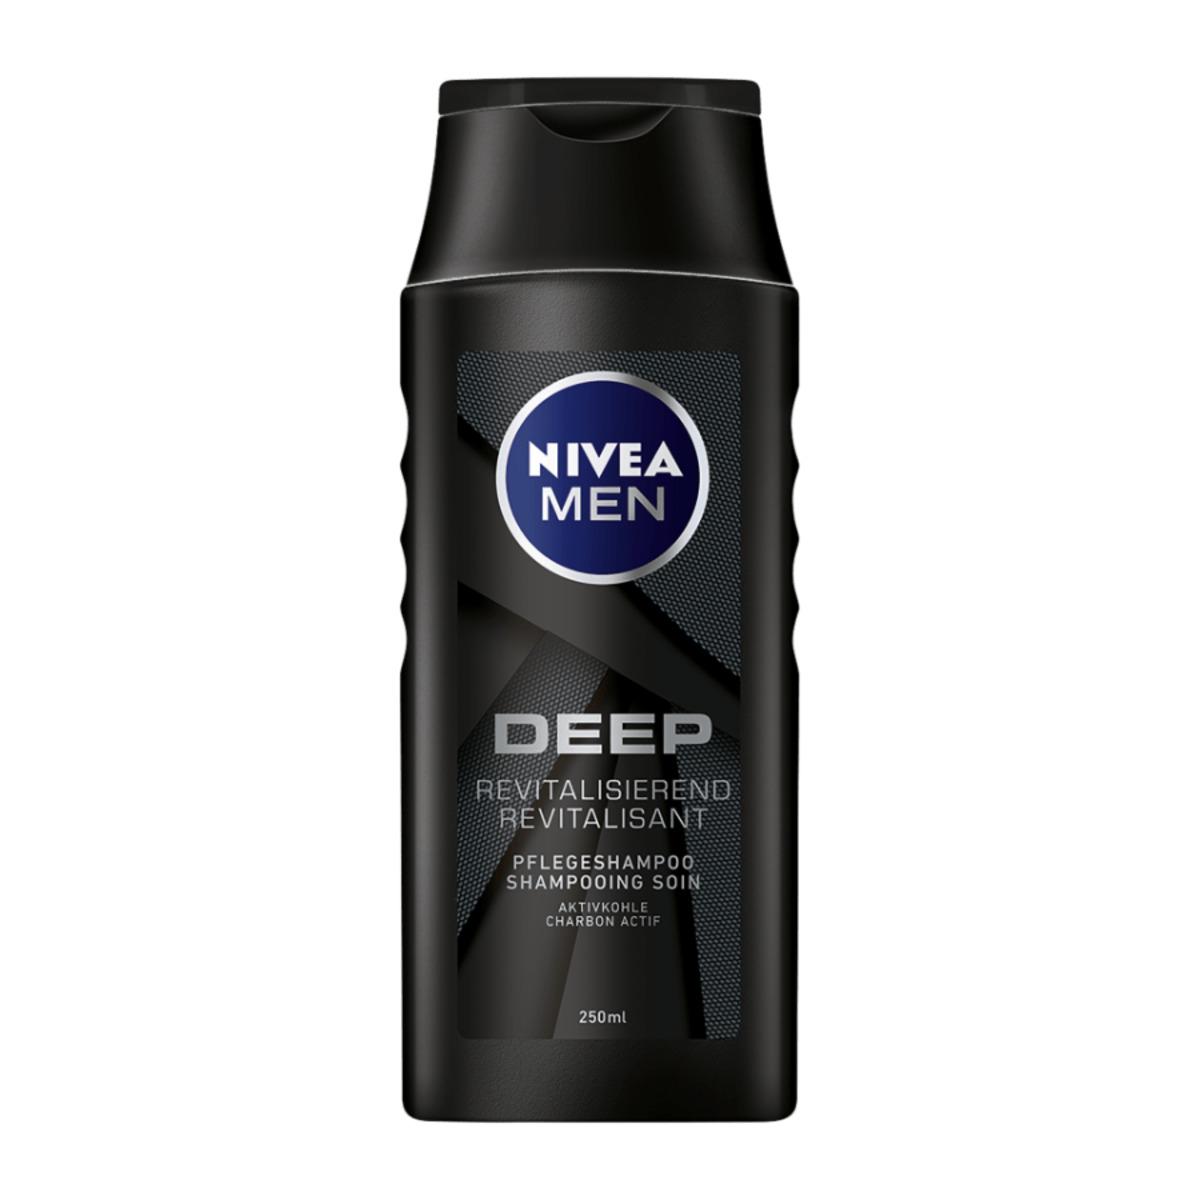 Bild 3 von Nivea Men Shampoo